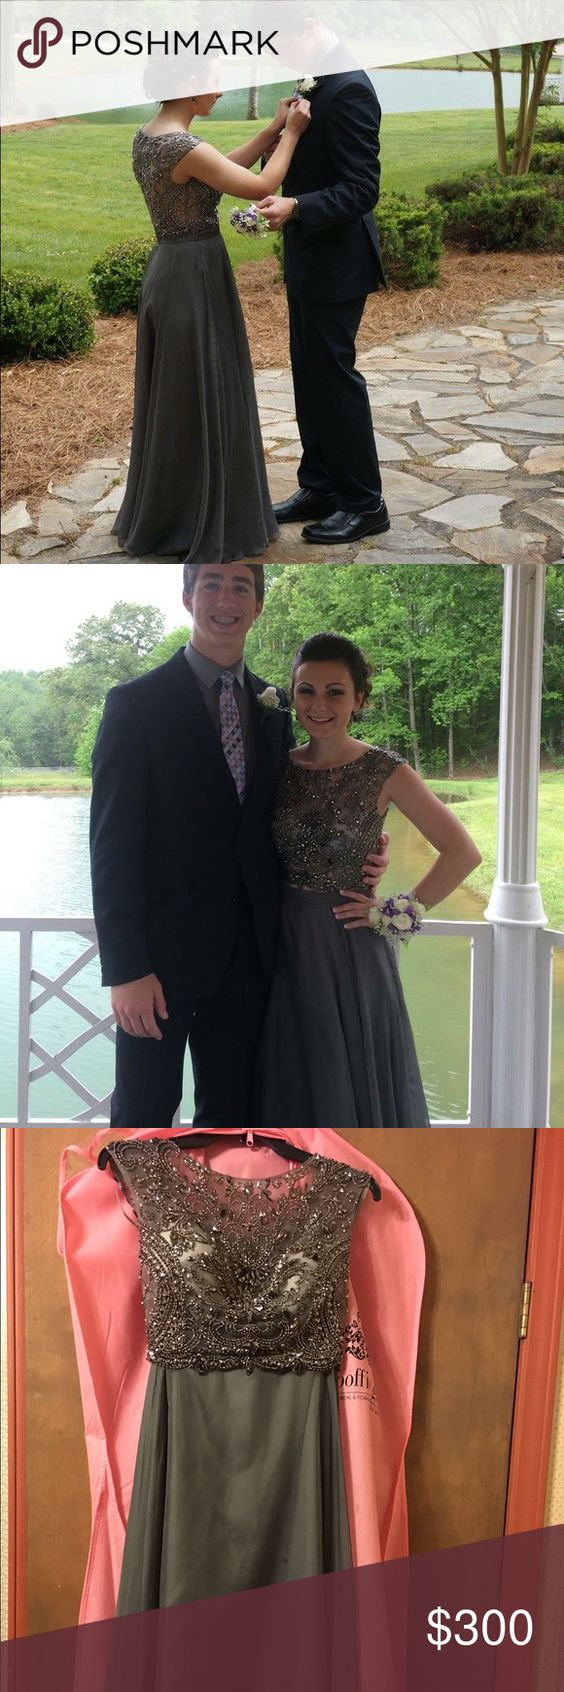 Grey twopiece prom dress